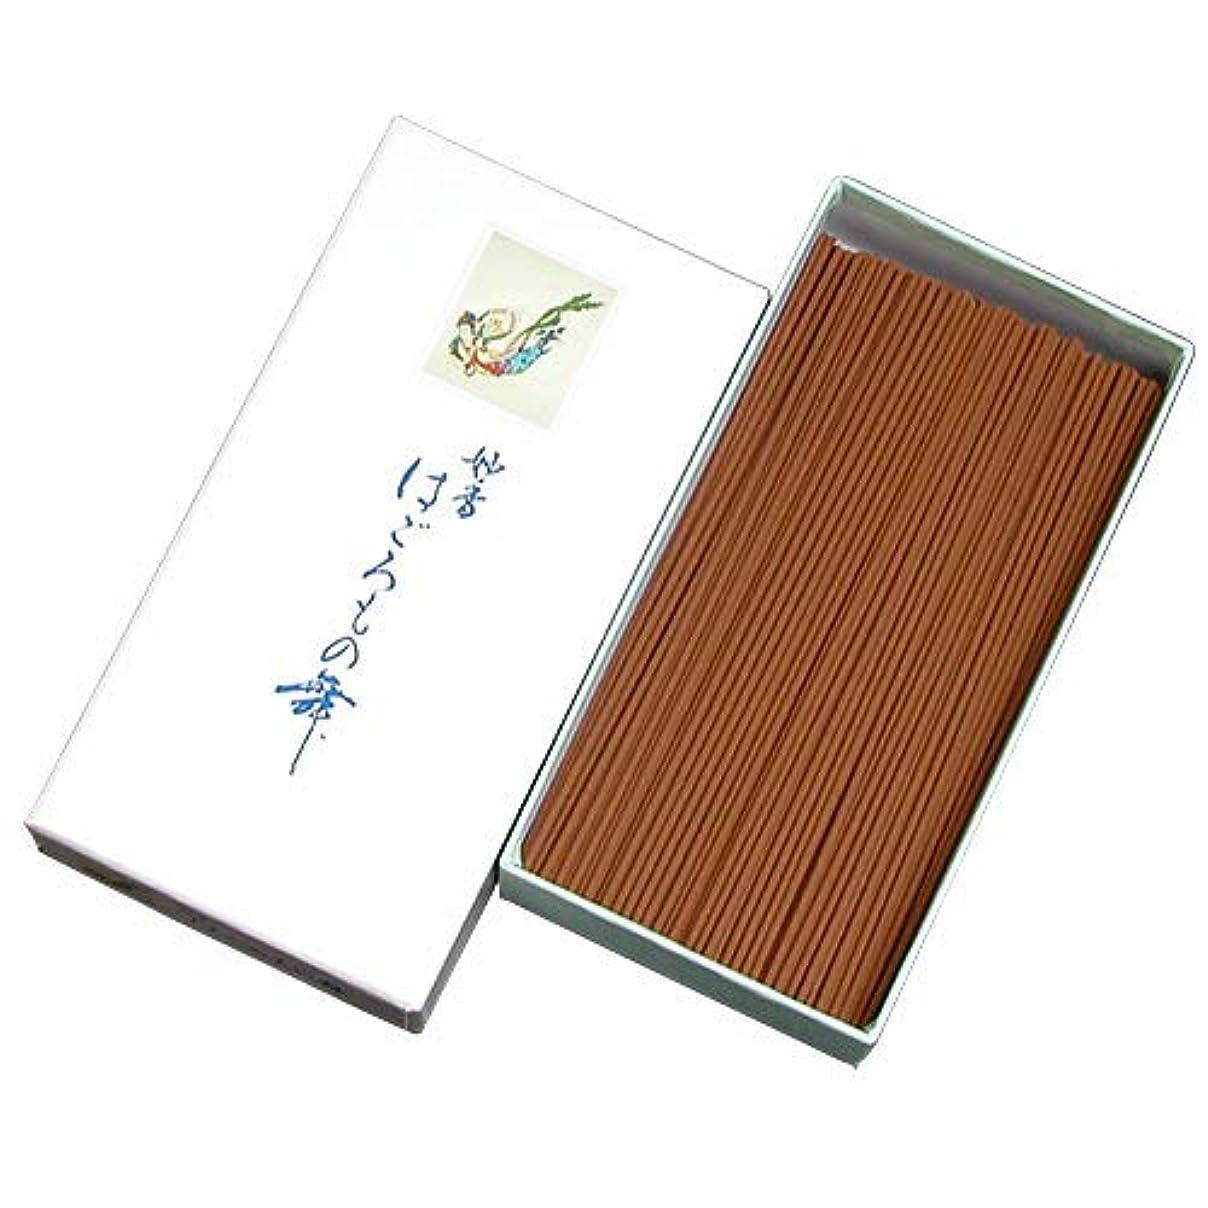 ケント雷雨コンサルタント家庭用線香 はごろもの舞(箱寸法16×8.5×3.5cm)◆一番人気の優しい香りのお線香(大発)